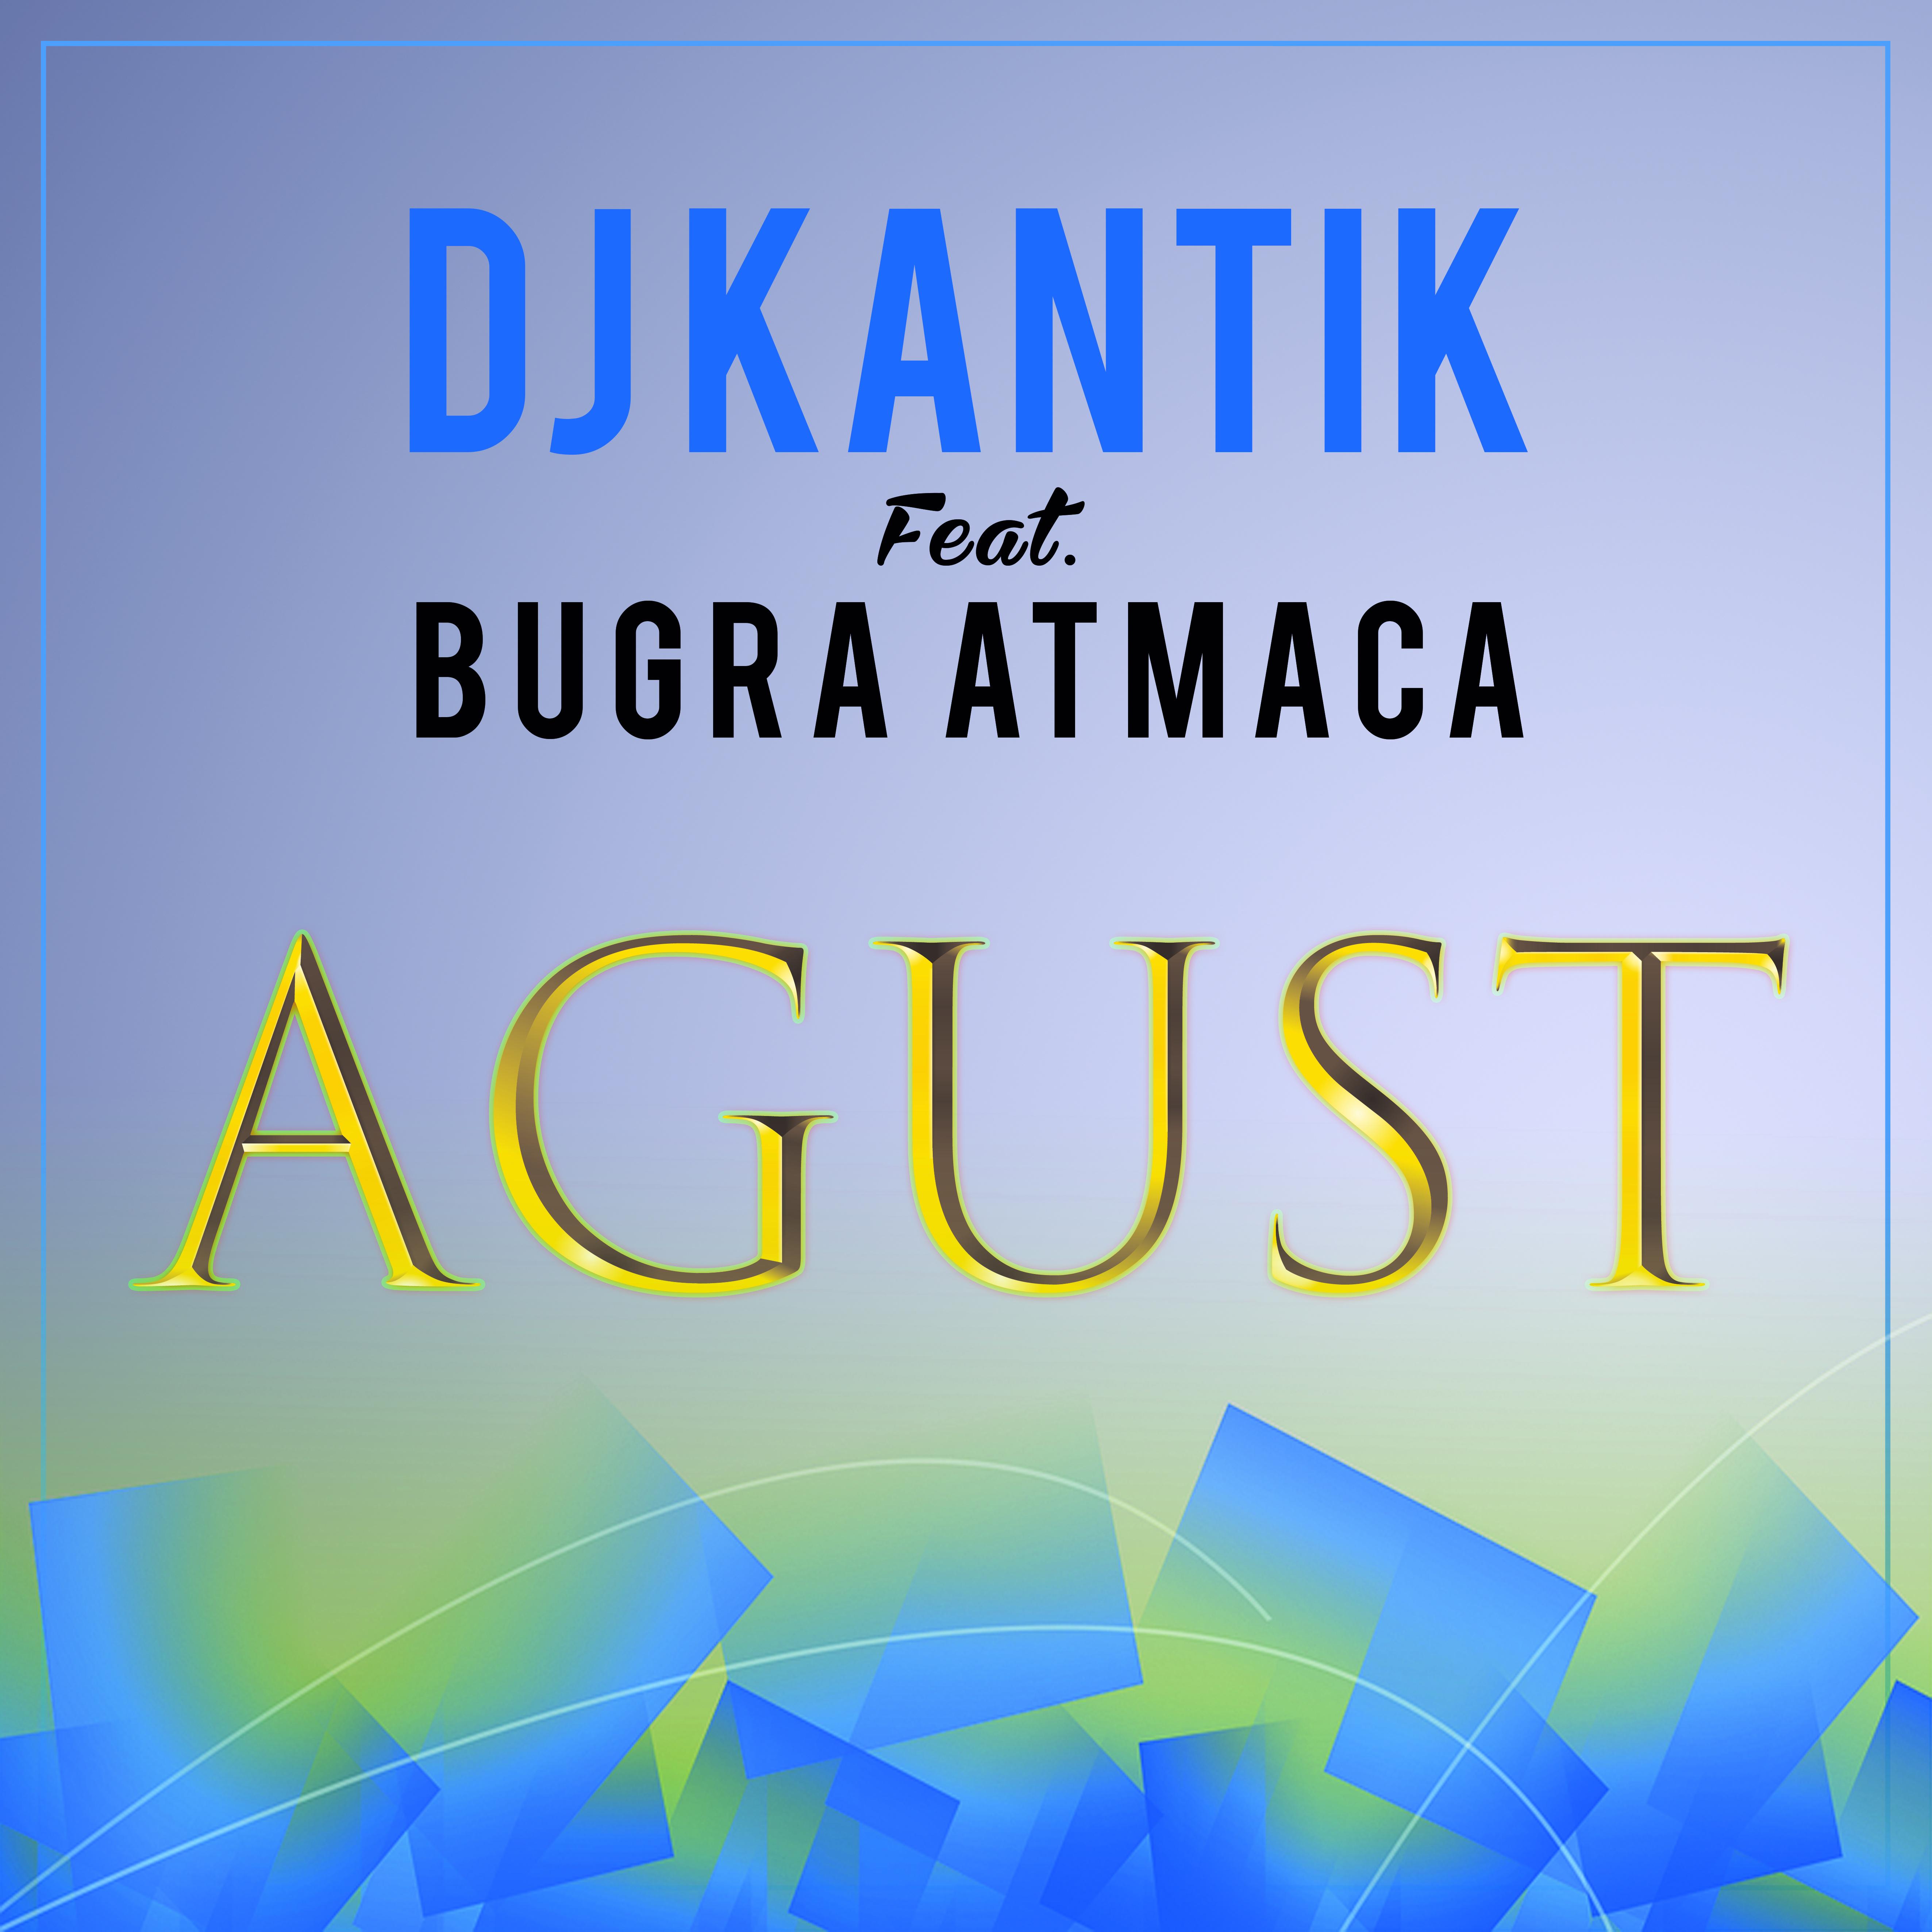 KANTİK-BUGRA-AGUST_KAPAK